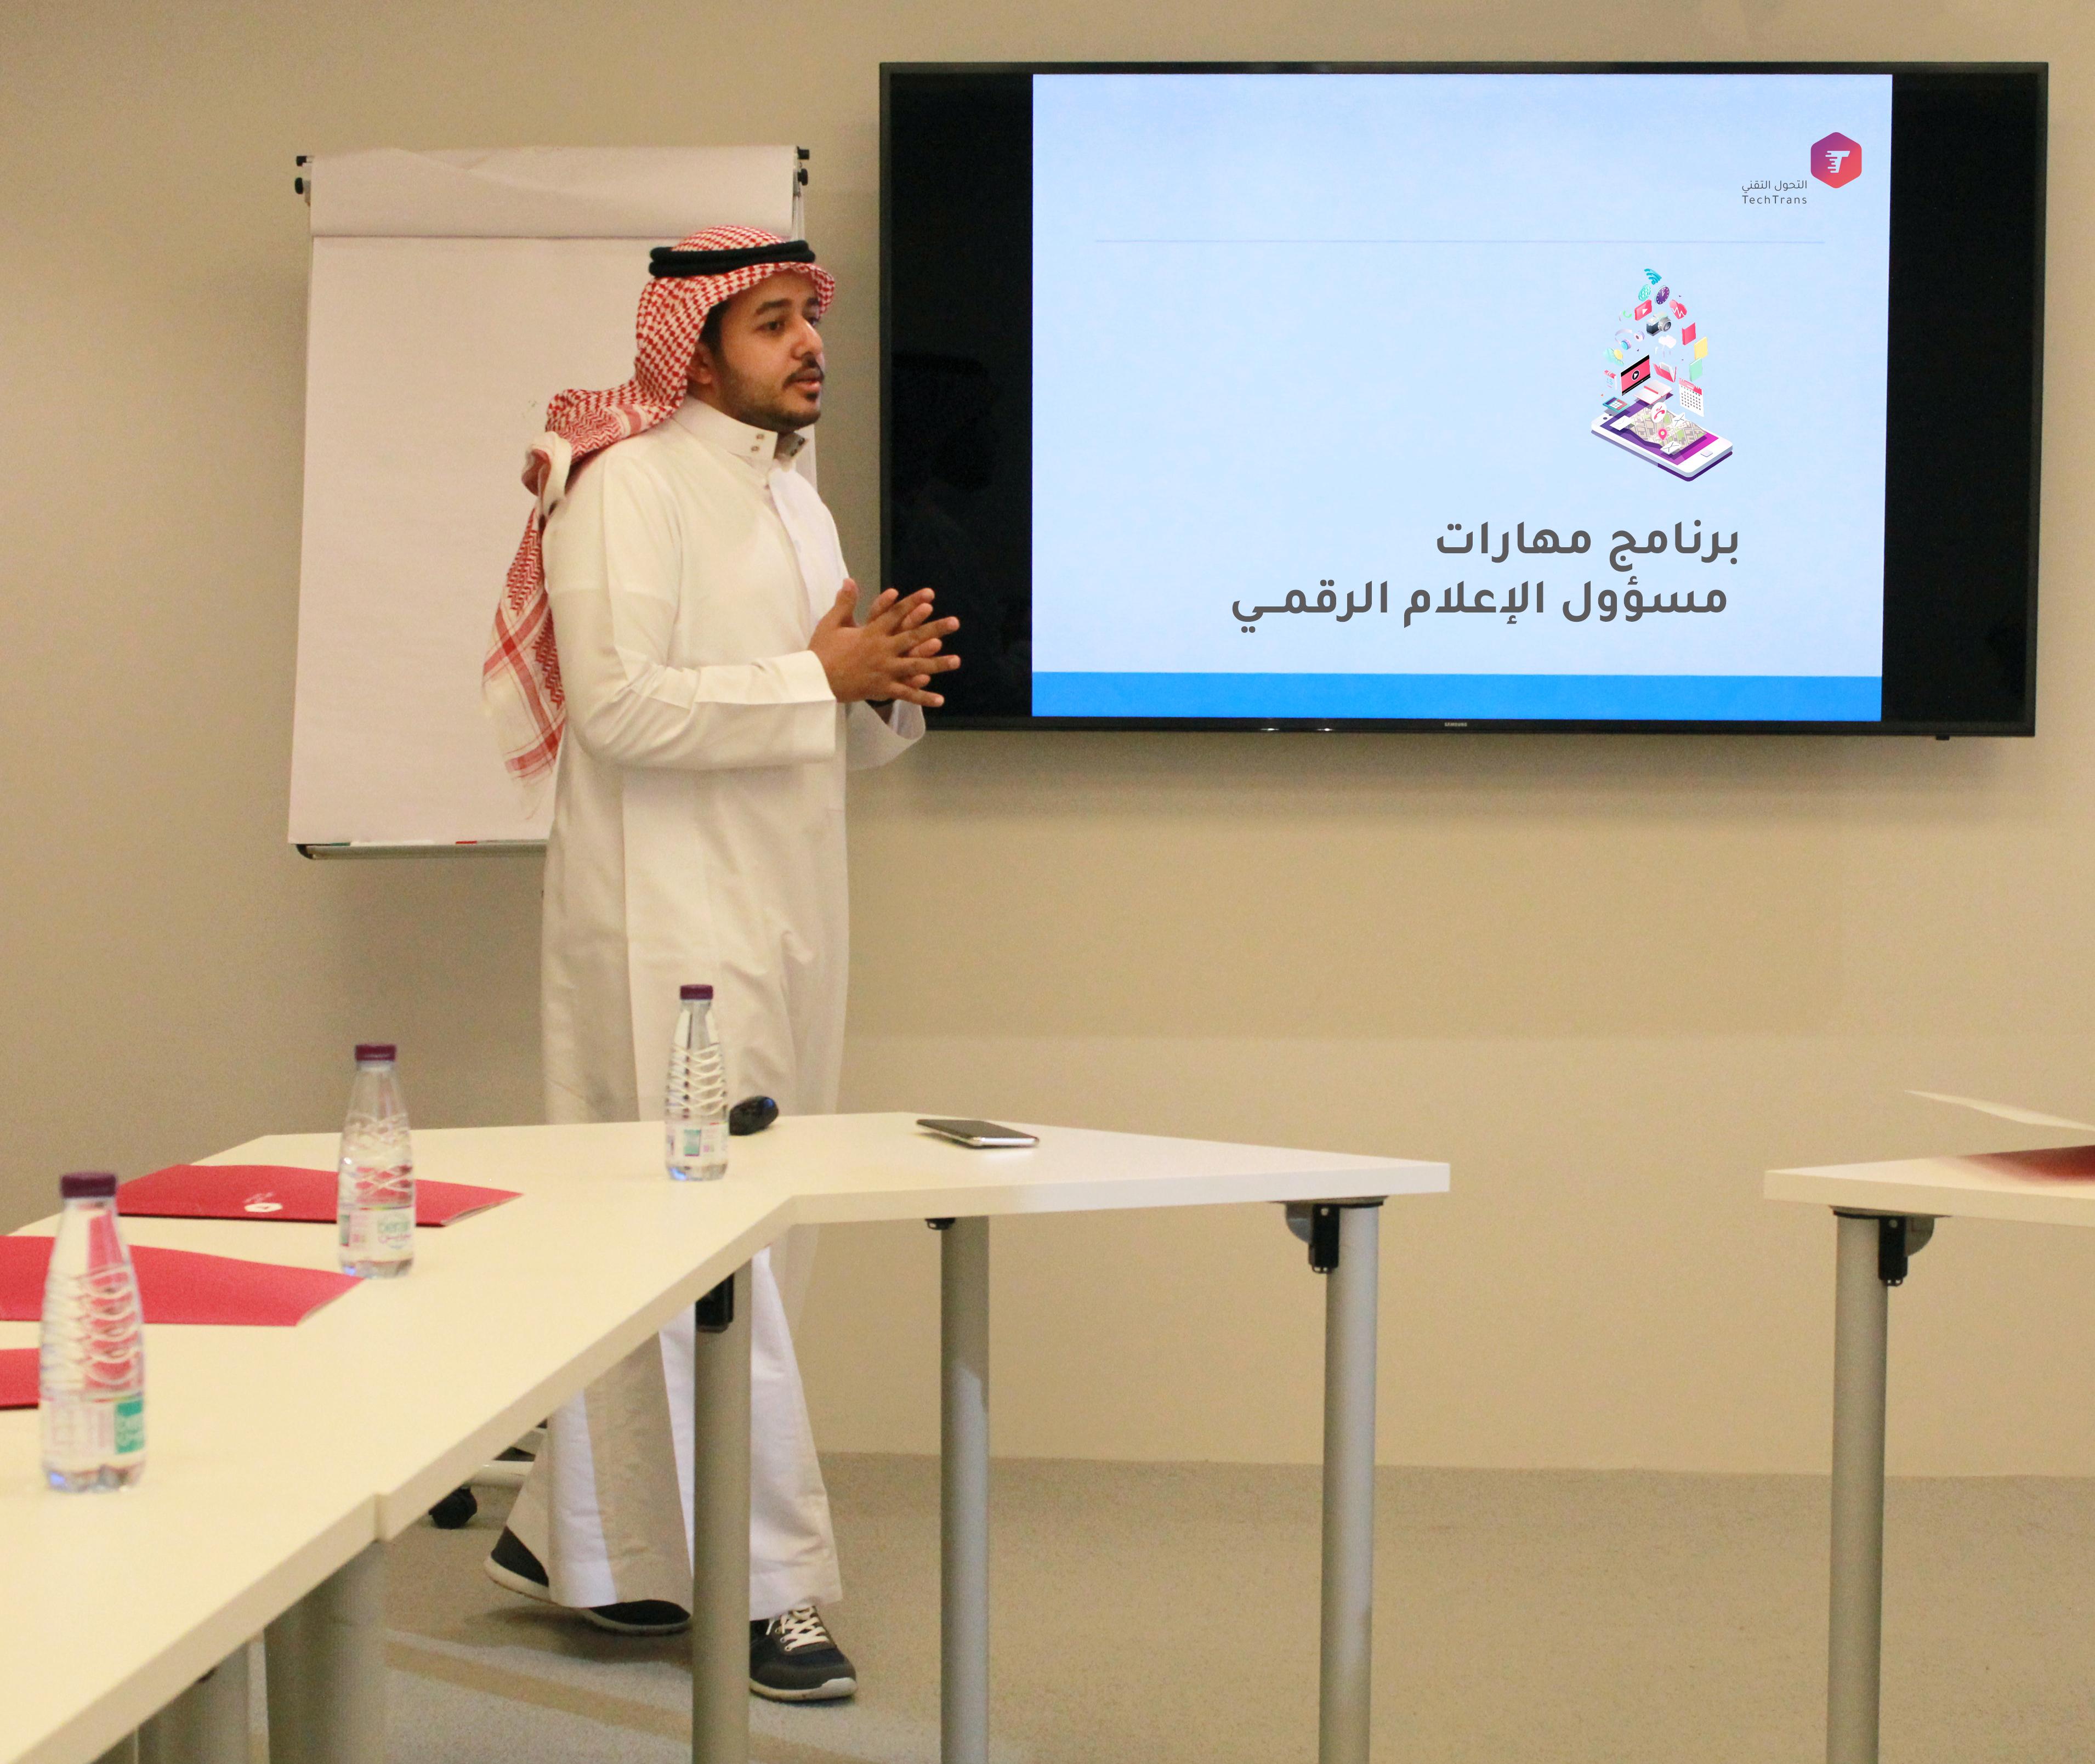 التحول التقني تختم برنامج مهارات مسؤول الإعلام الرقمي في مدينة الرياض